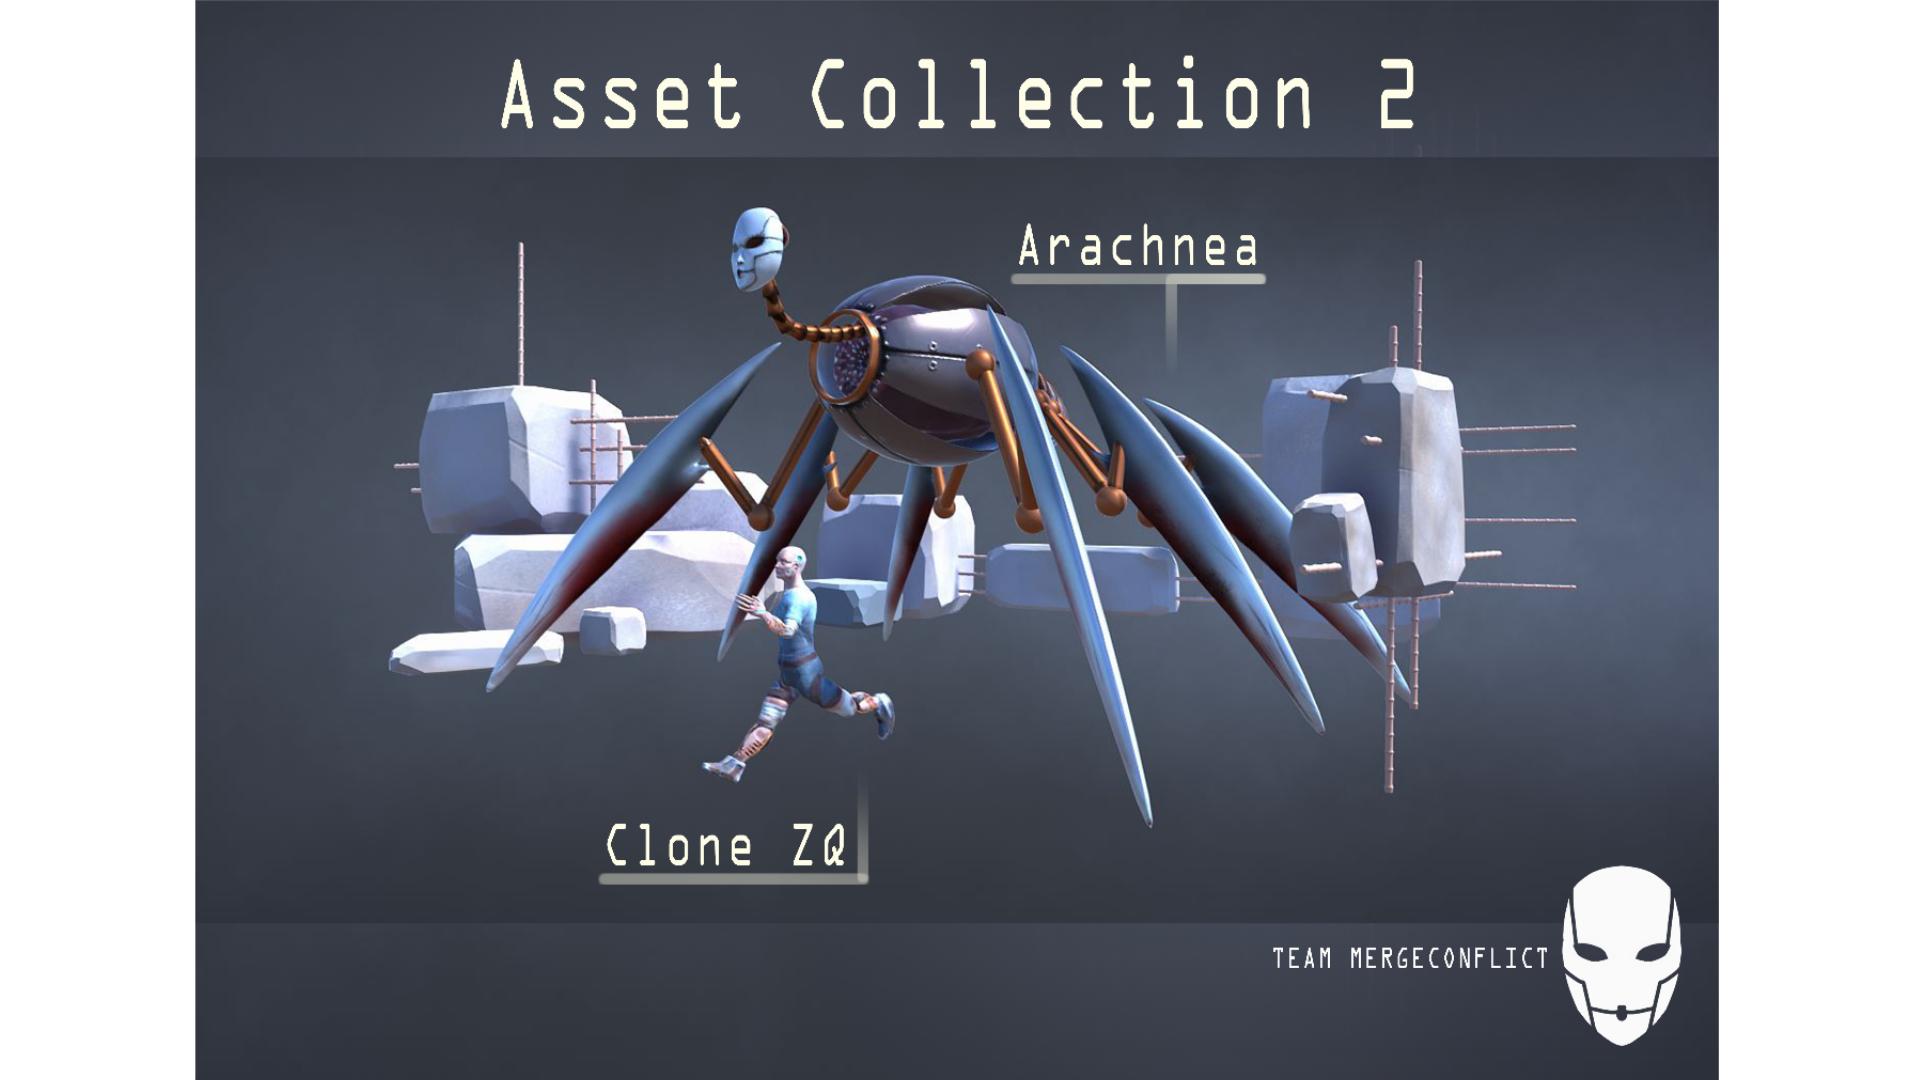 asset collection 2 V2